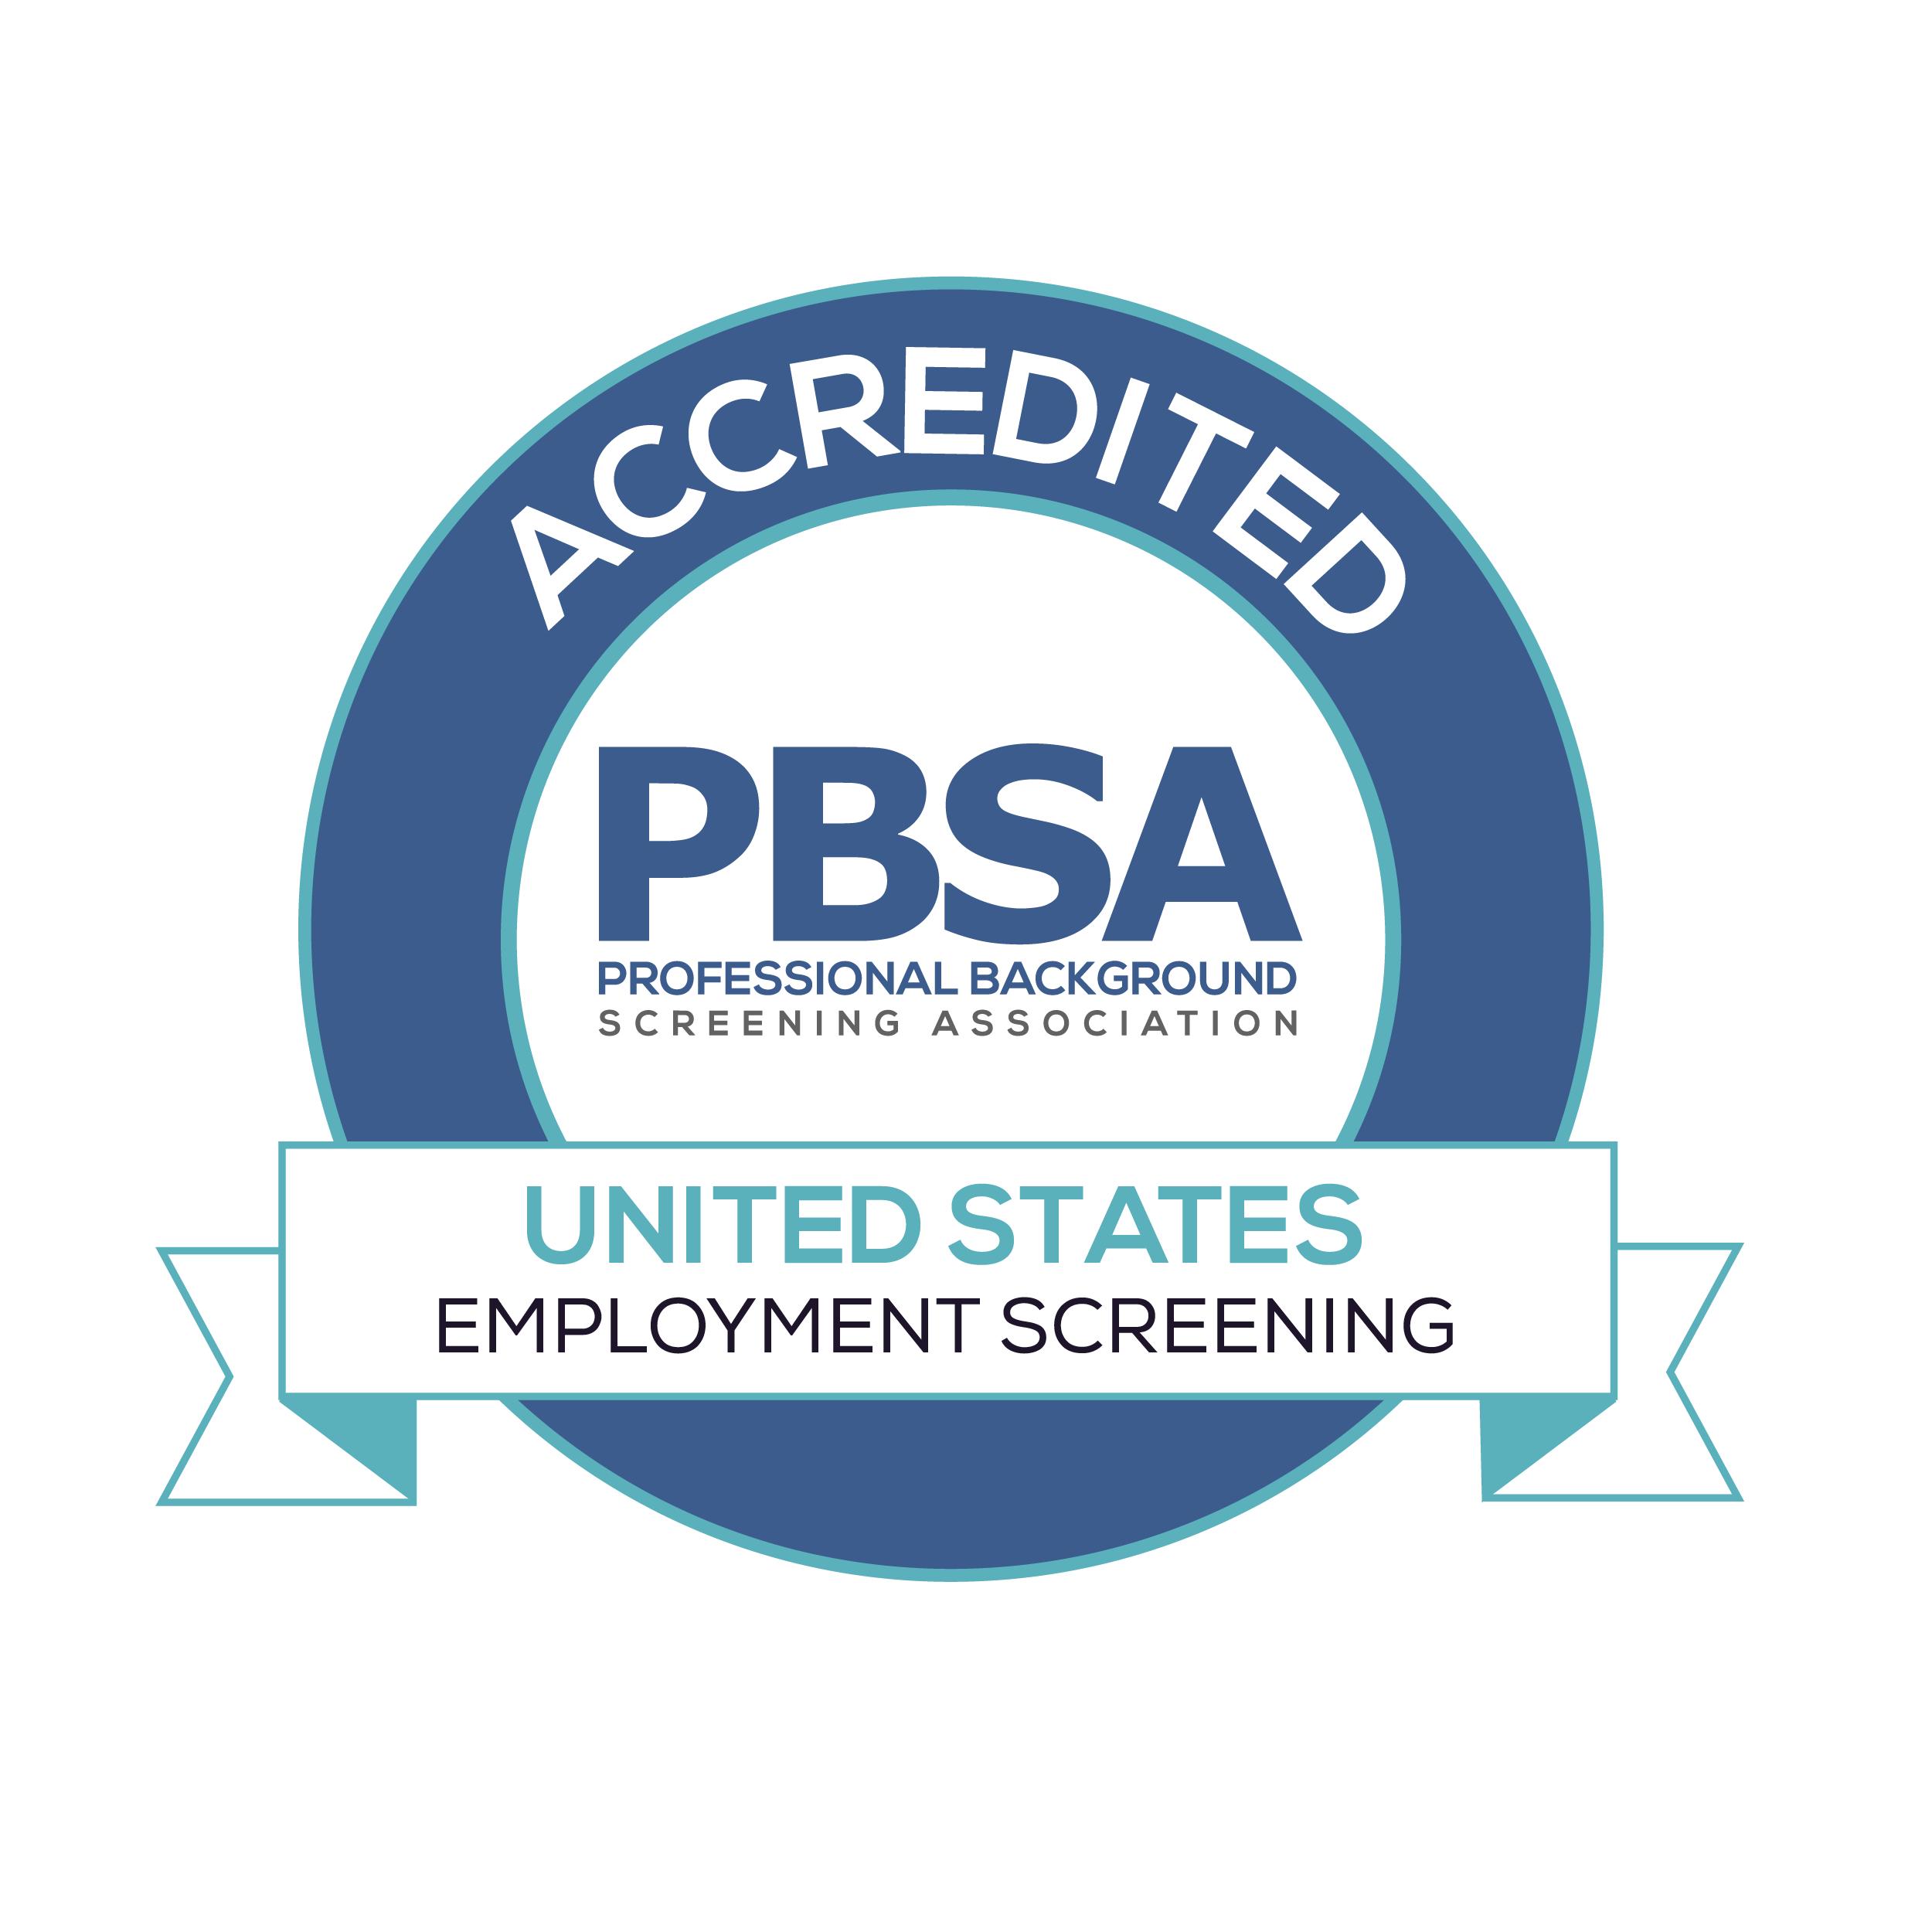 Accreditation WHITE_PBSA.png